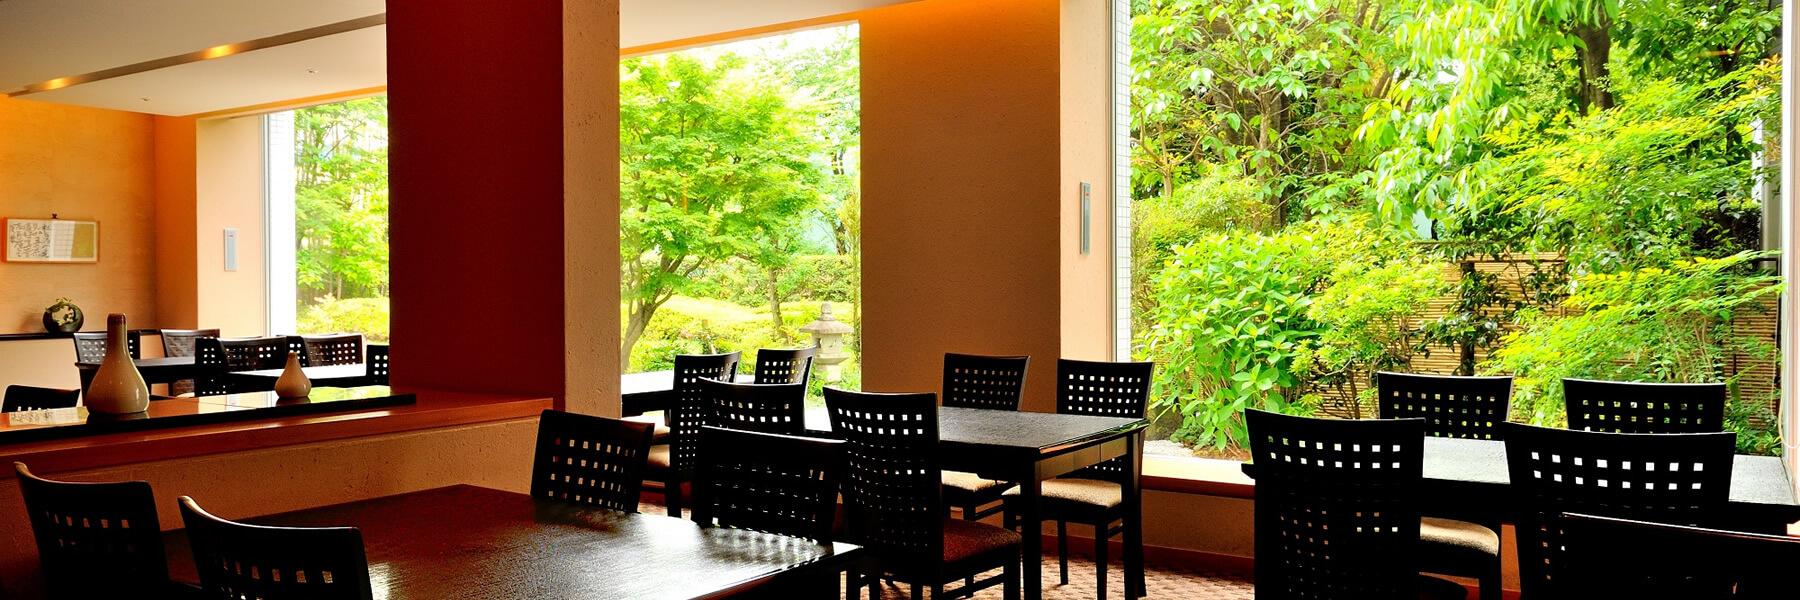 日本料理 四季【公式】レンブラントホテル海老名